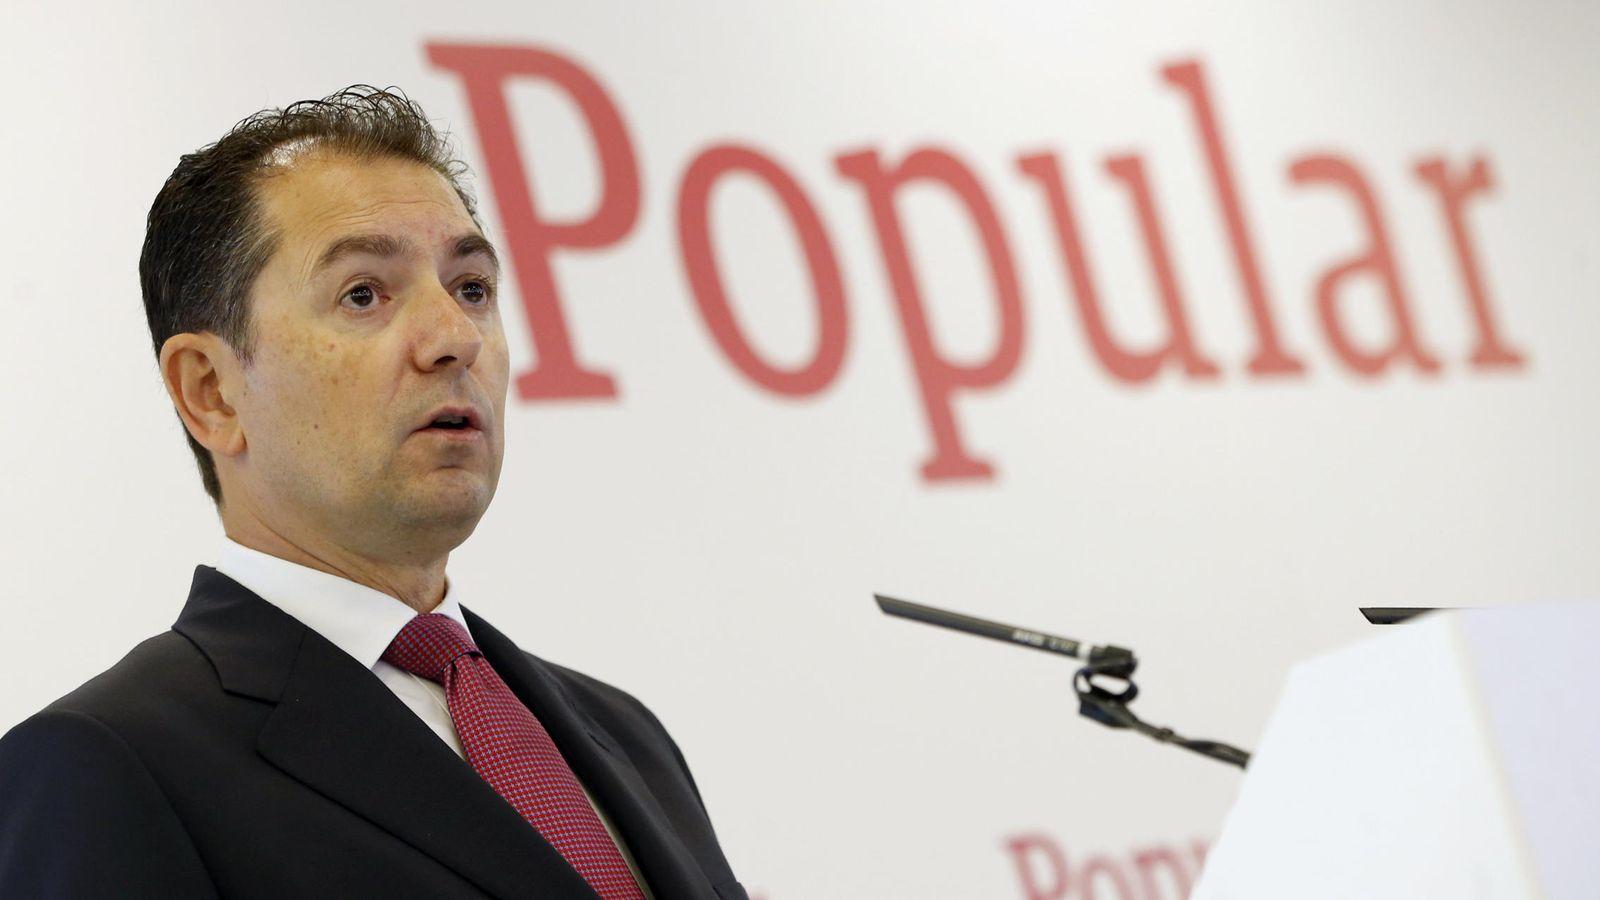 Foto:  El consejero delegado del Banco Popular, Francisco Gómez